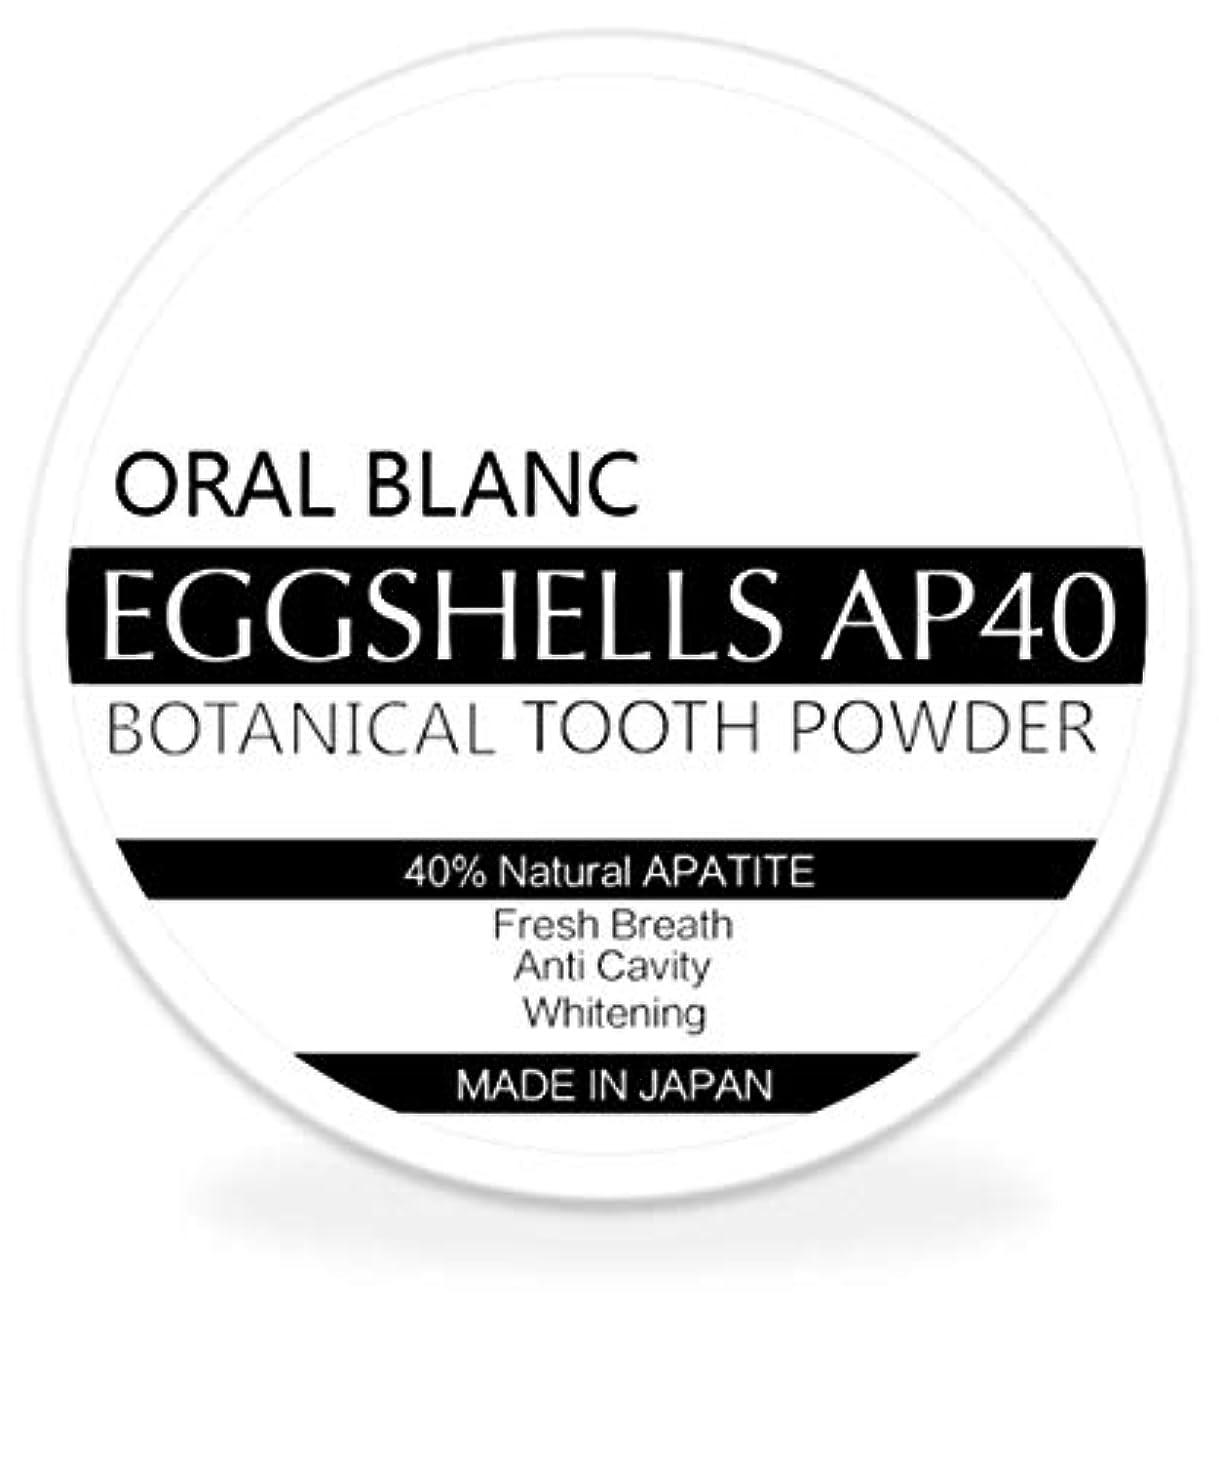 議題スリッパ鰐Oralblanc ホワイトニングパウダー 歯磨き粉 粉歯磨き 卵殻バイオアパタイト 40%配合